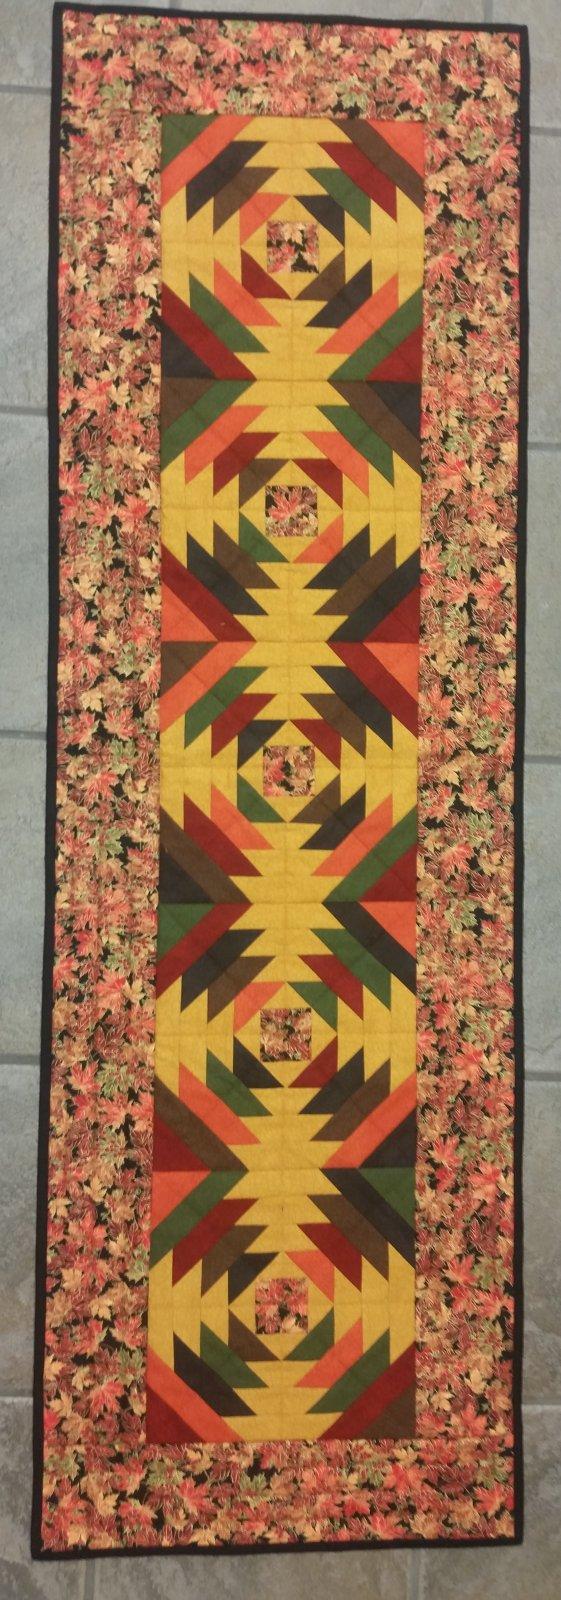 Fall Pineapple Table Runner Kit